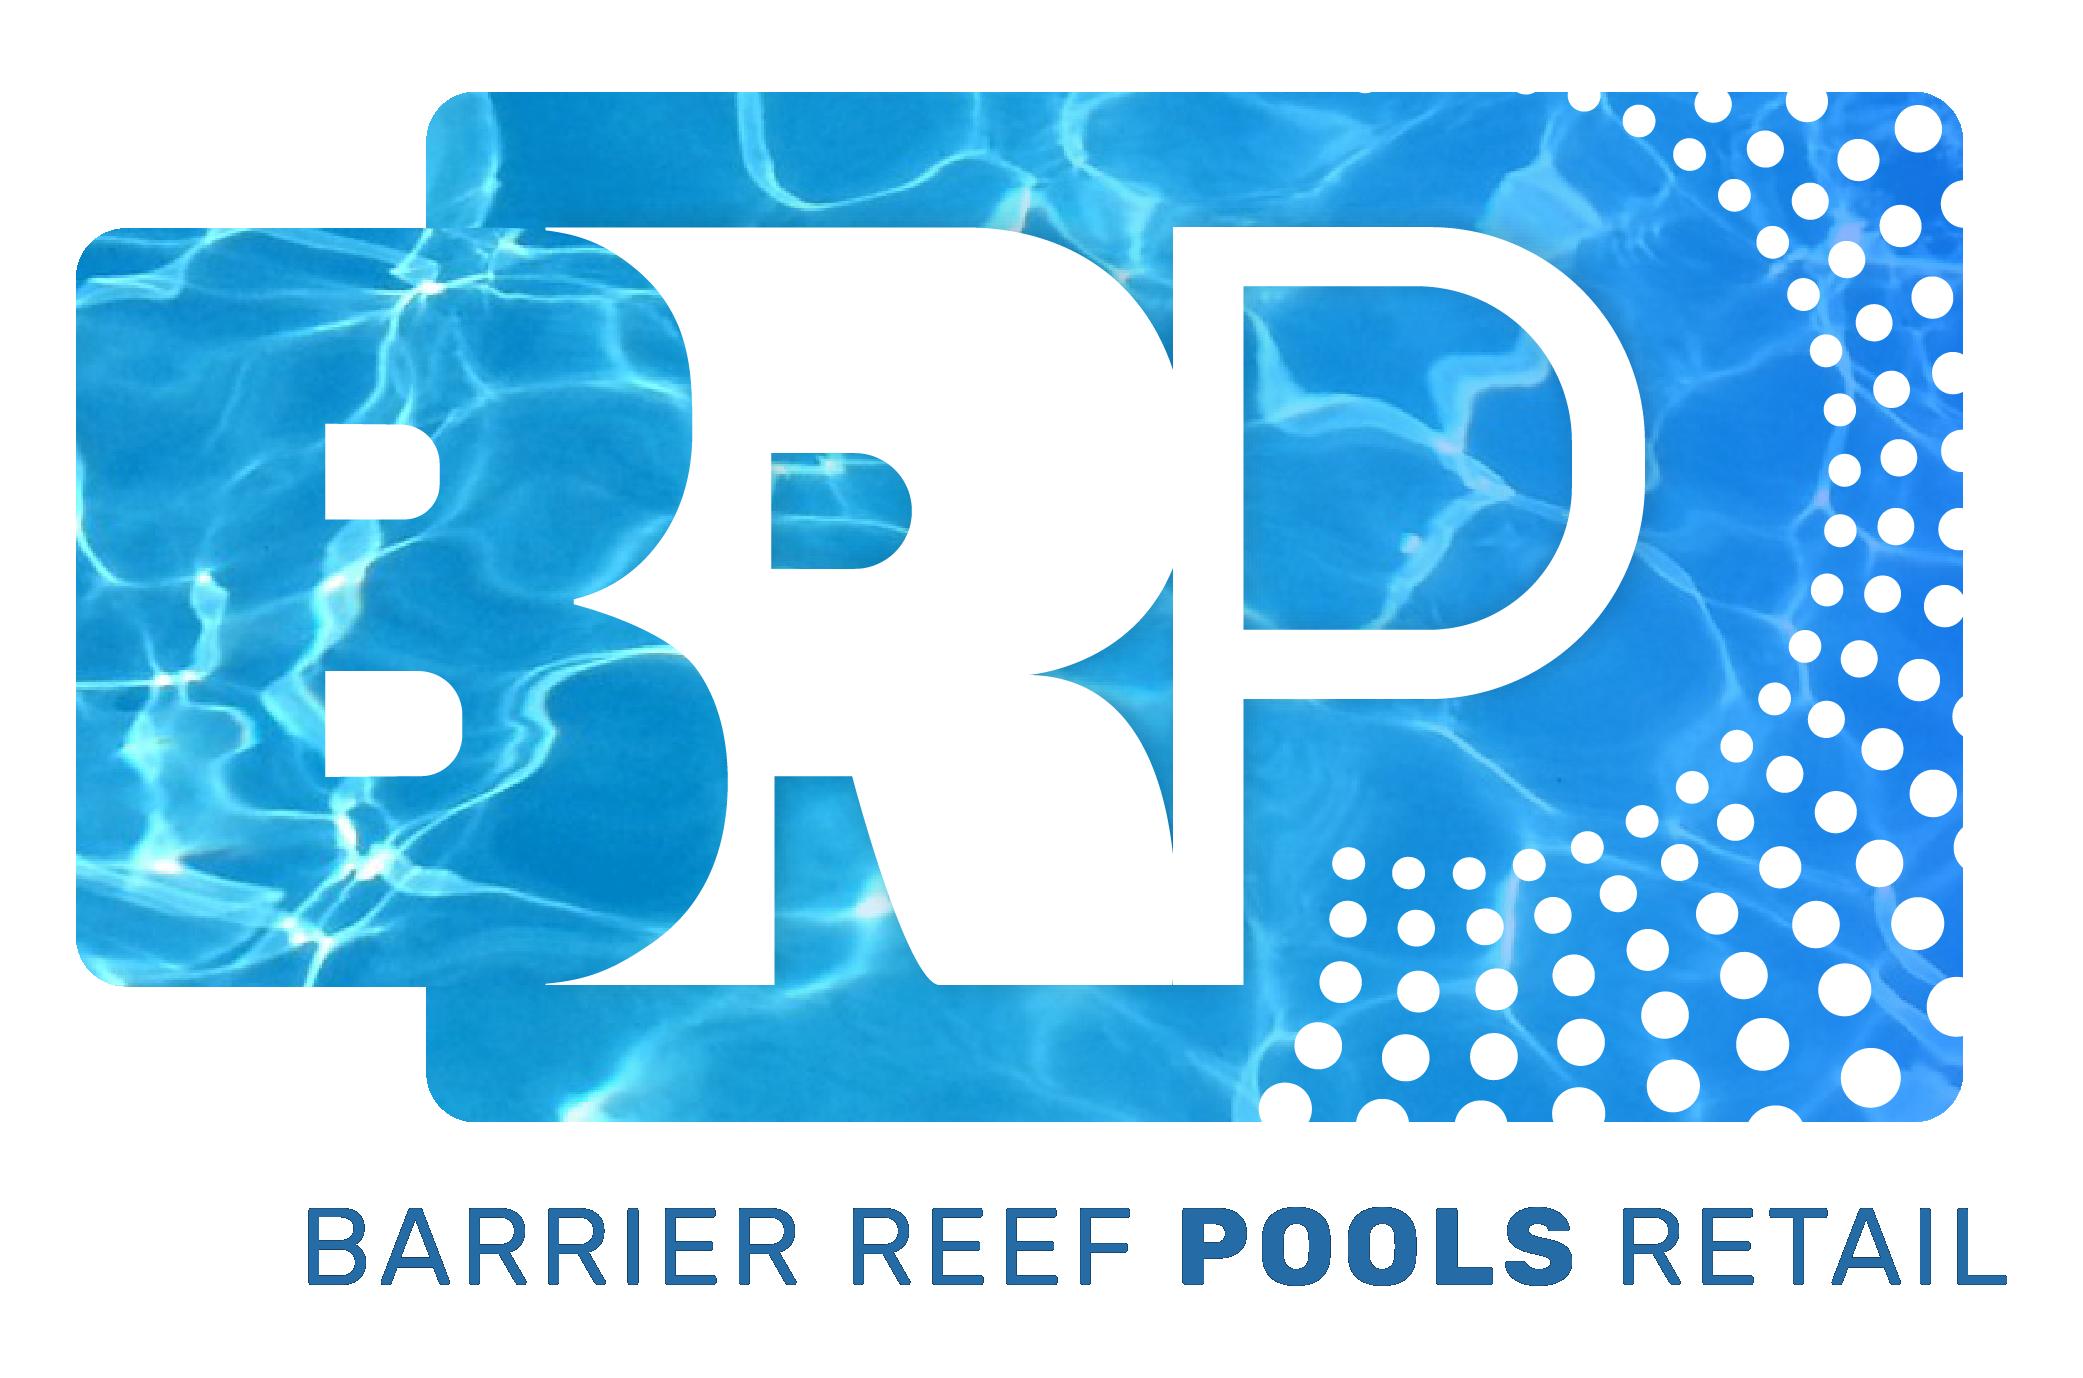 BarrierReef Pools Queensland